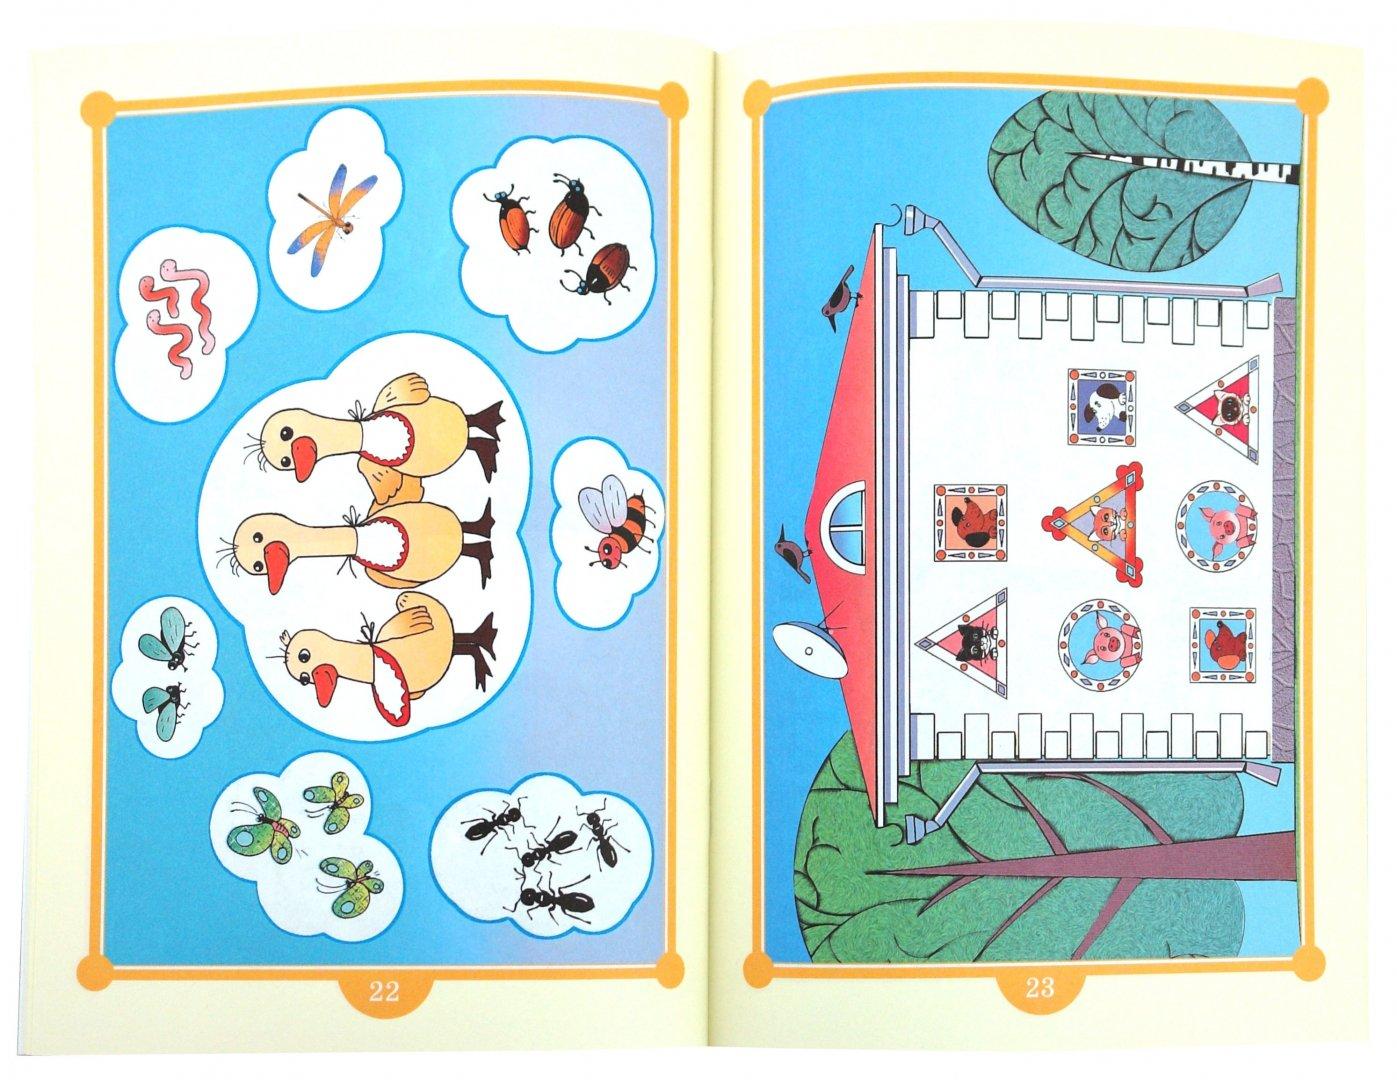 игры на основе картинок учебника донор яйцеклетки